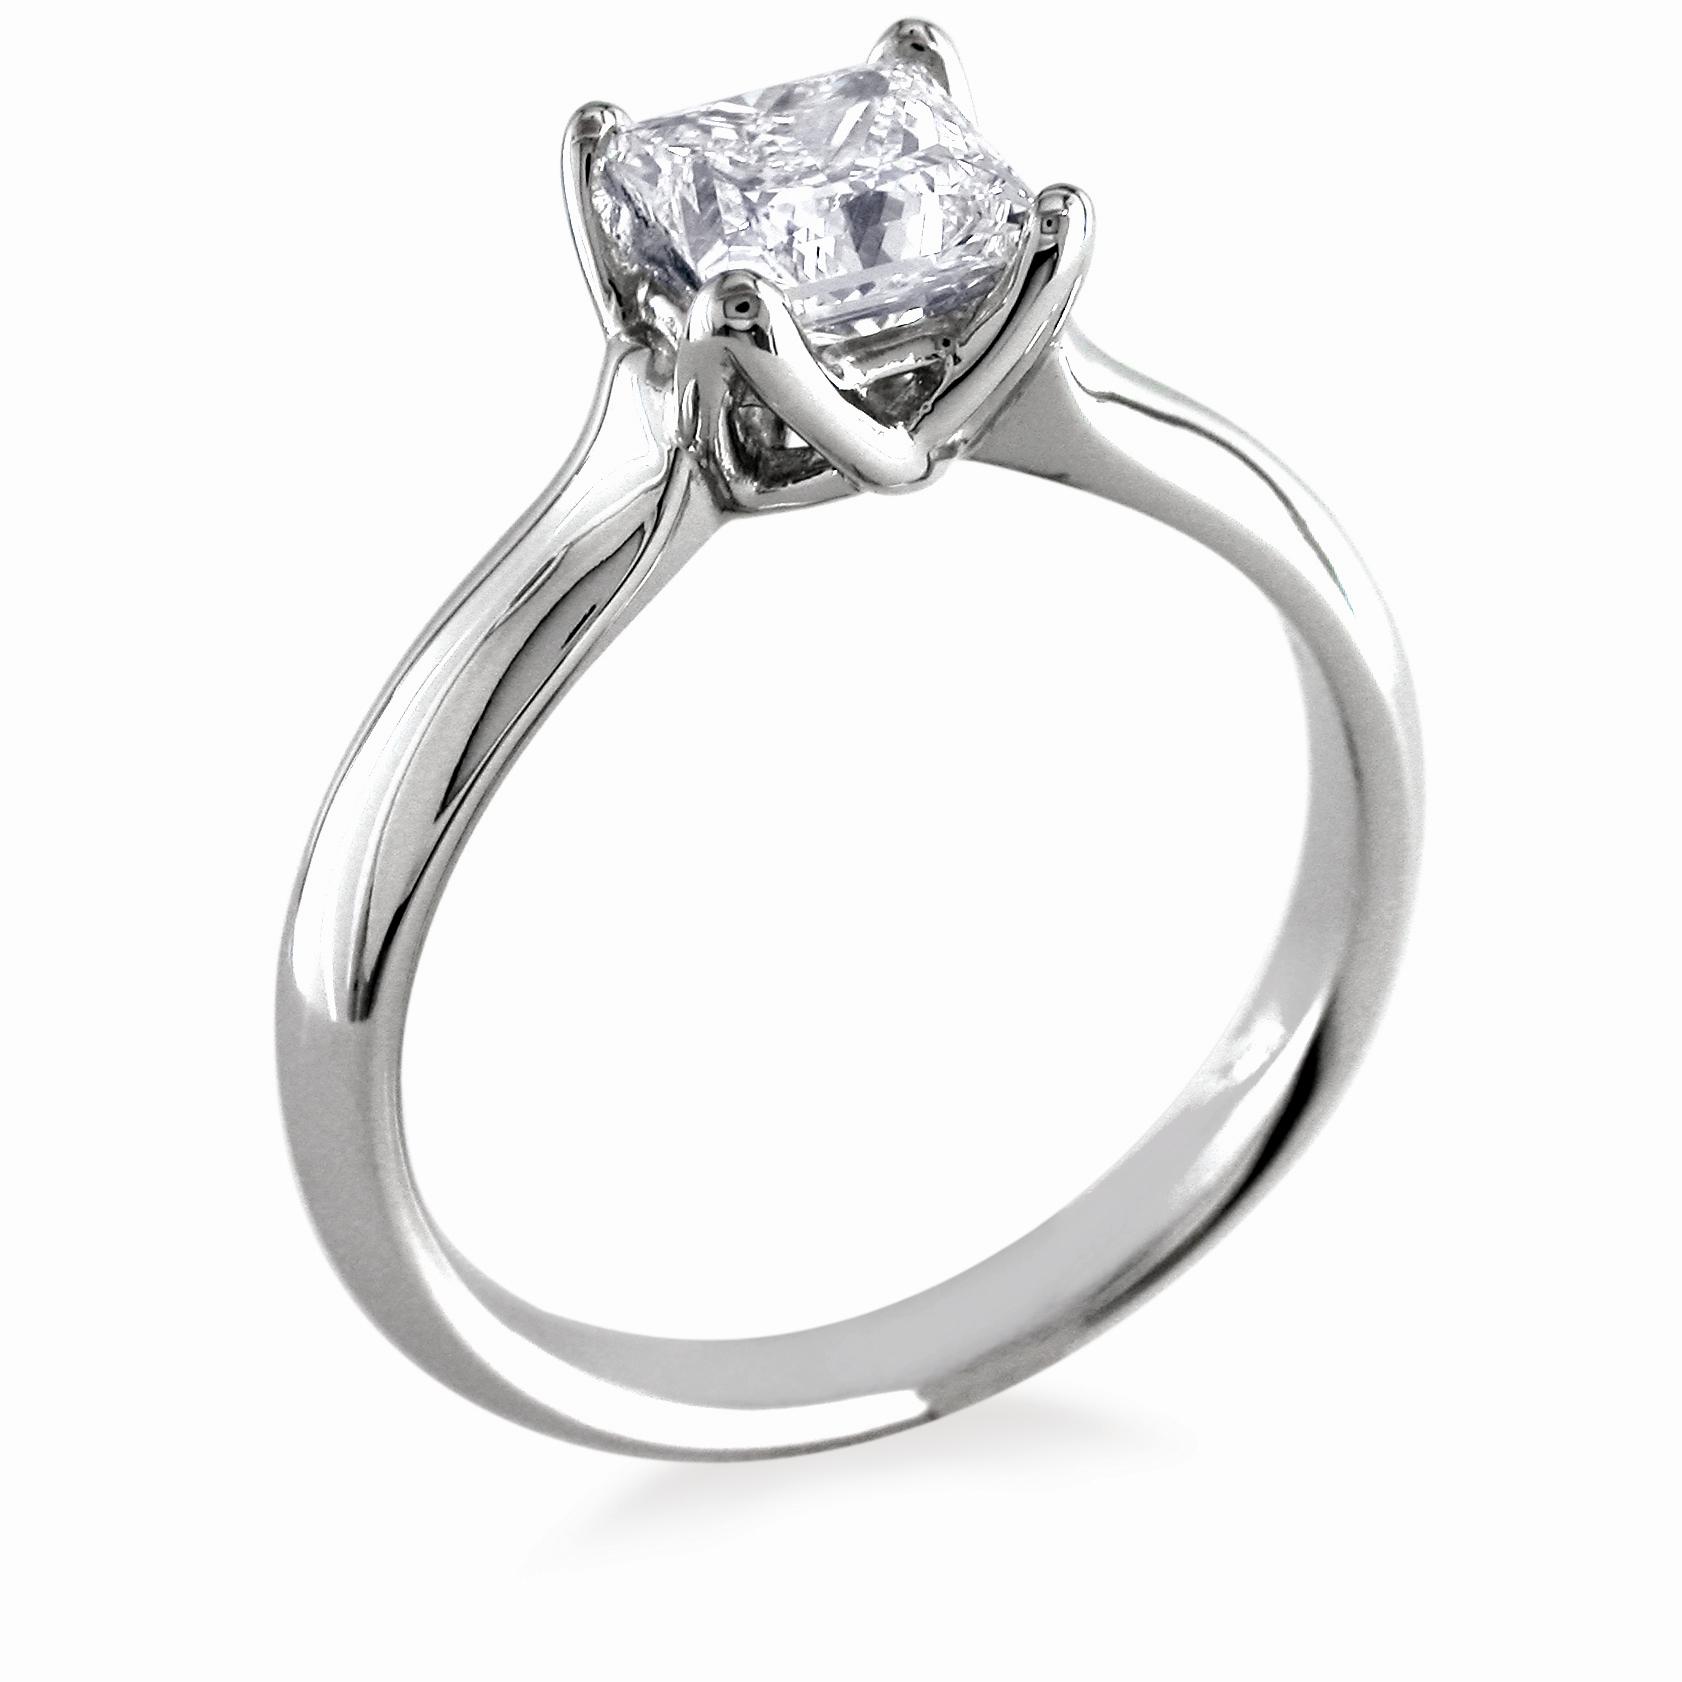 engagement ring whiteflash w prong setting onewed